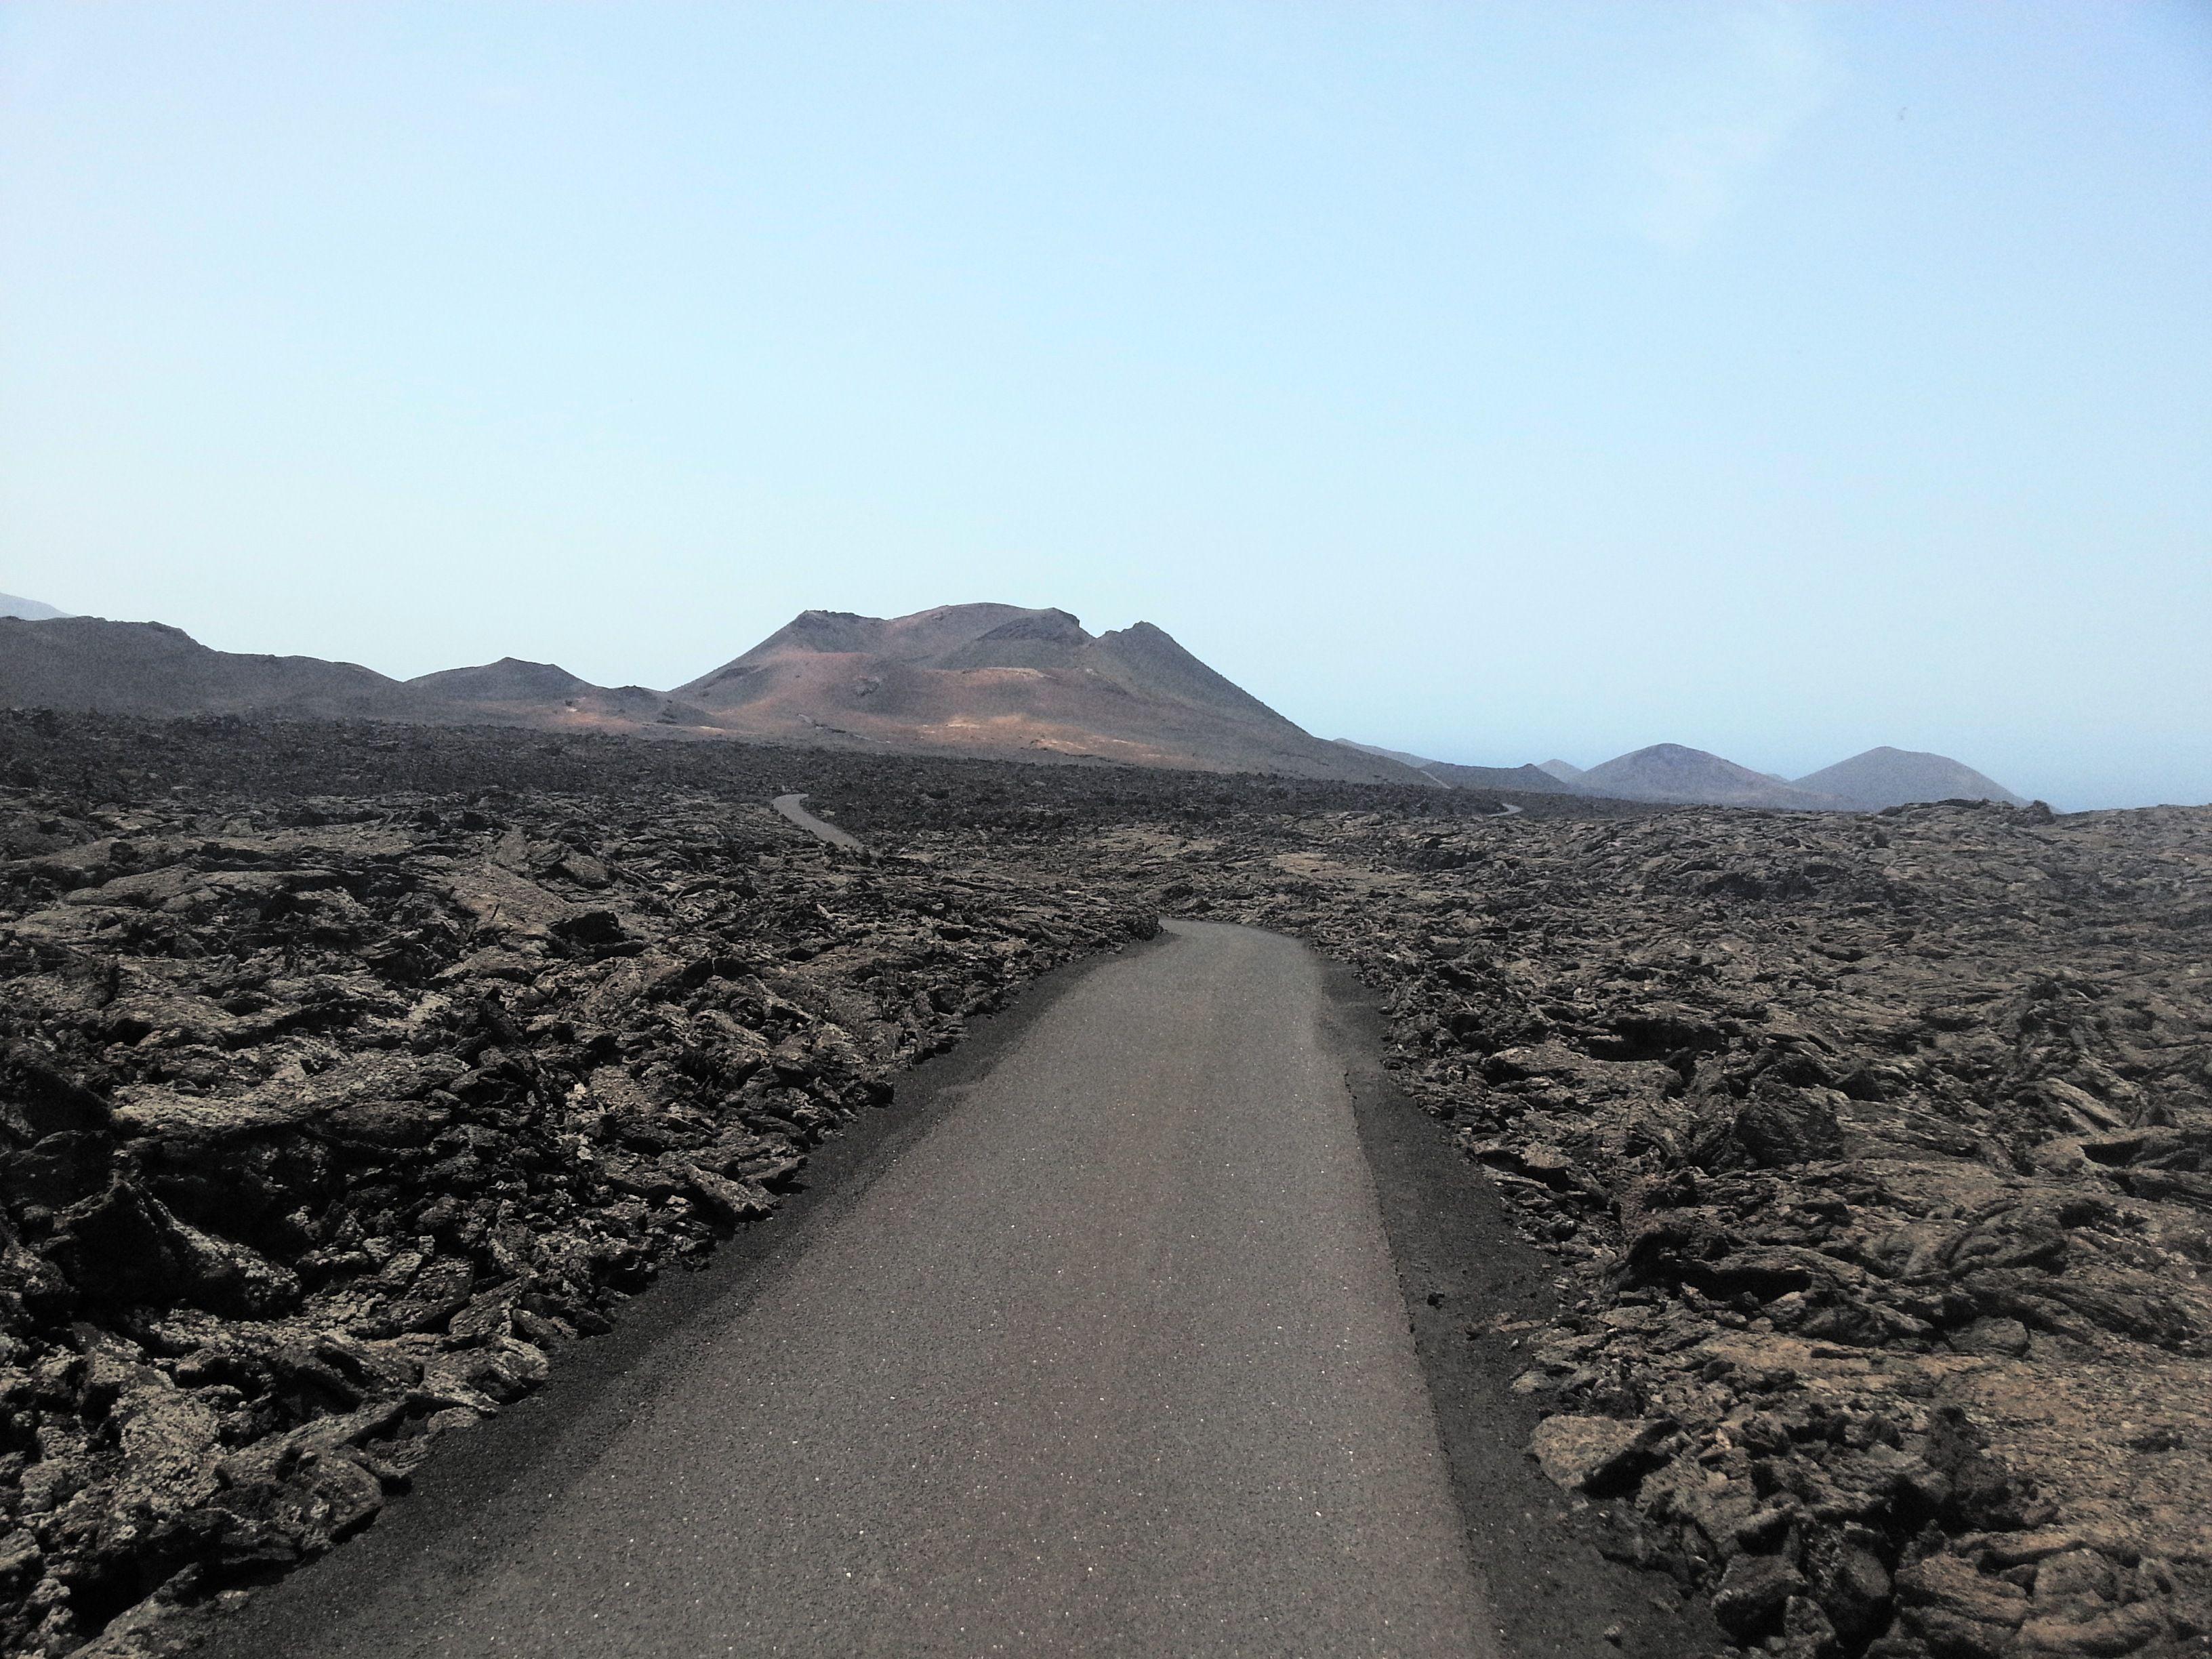 Lanzarote Montañas Del Fuego Timanfaya Recorrer El Mundo Viajes Recorrer